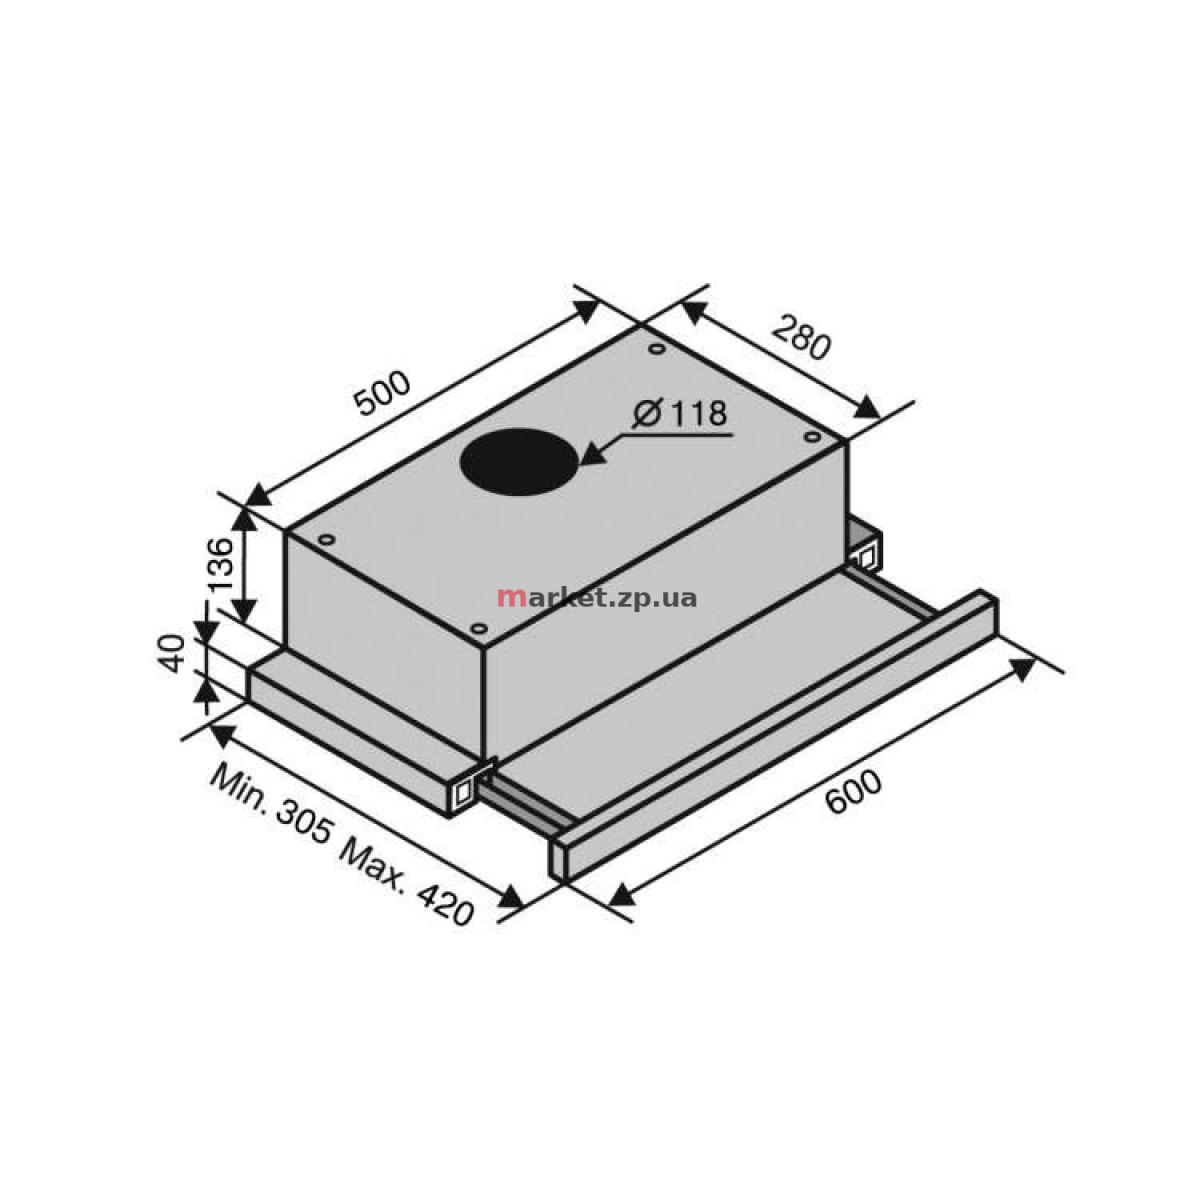 Вытяжка VENTOLUX GARDA 60 INOX (700) SLIM